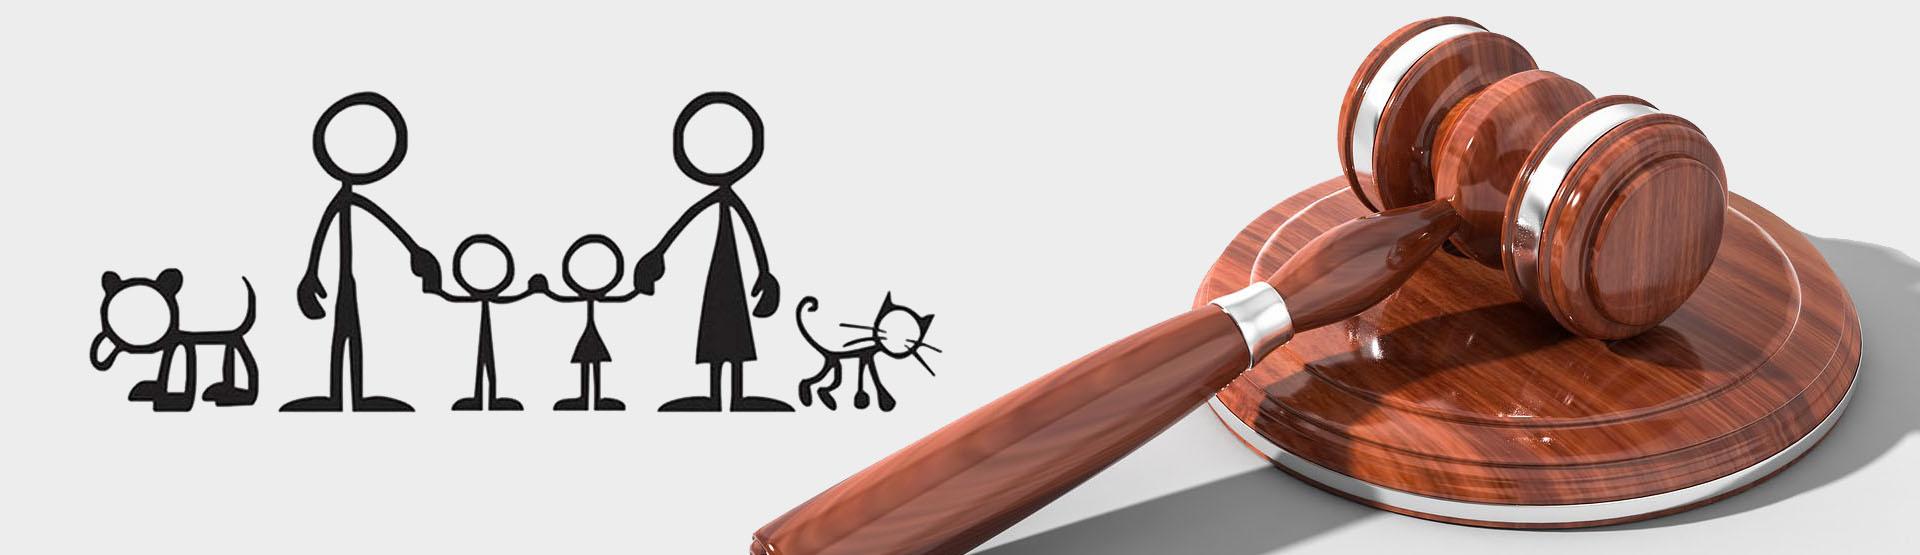 Subcategoría Derecho de familia